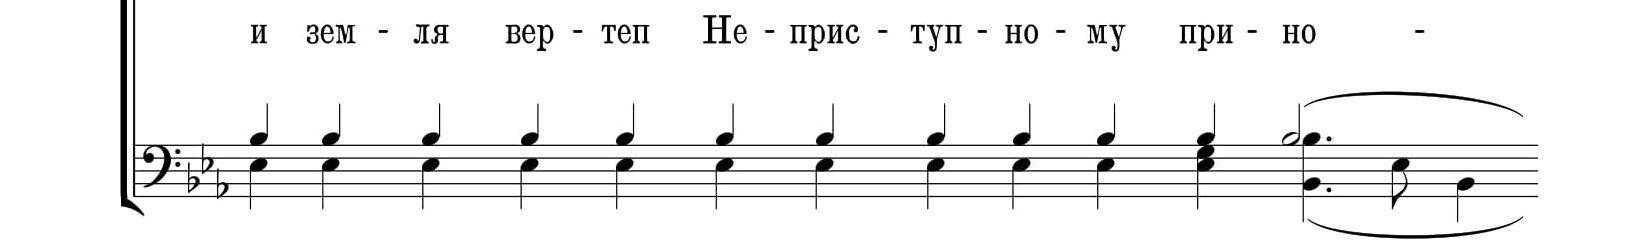 Кондак Рождеству (Степанов)